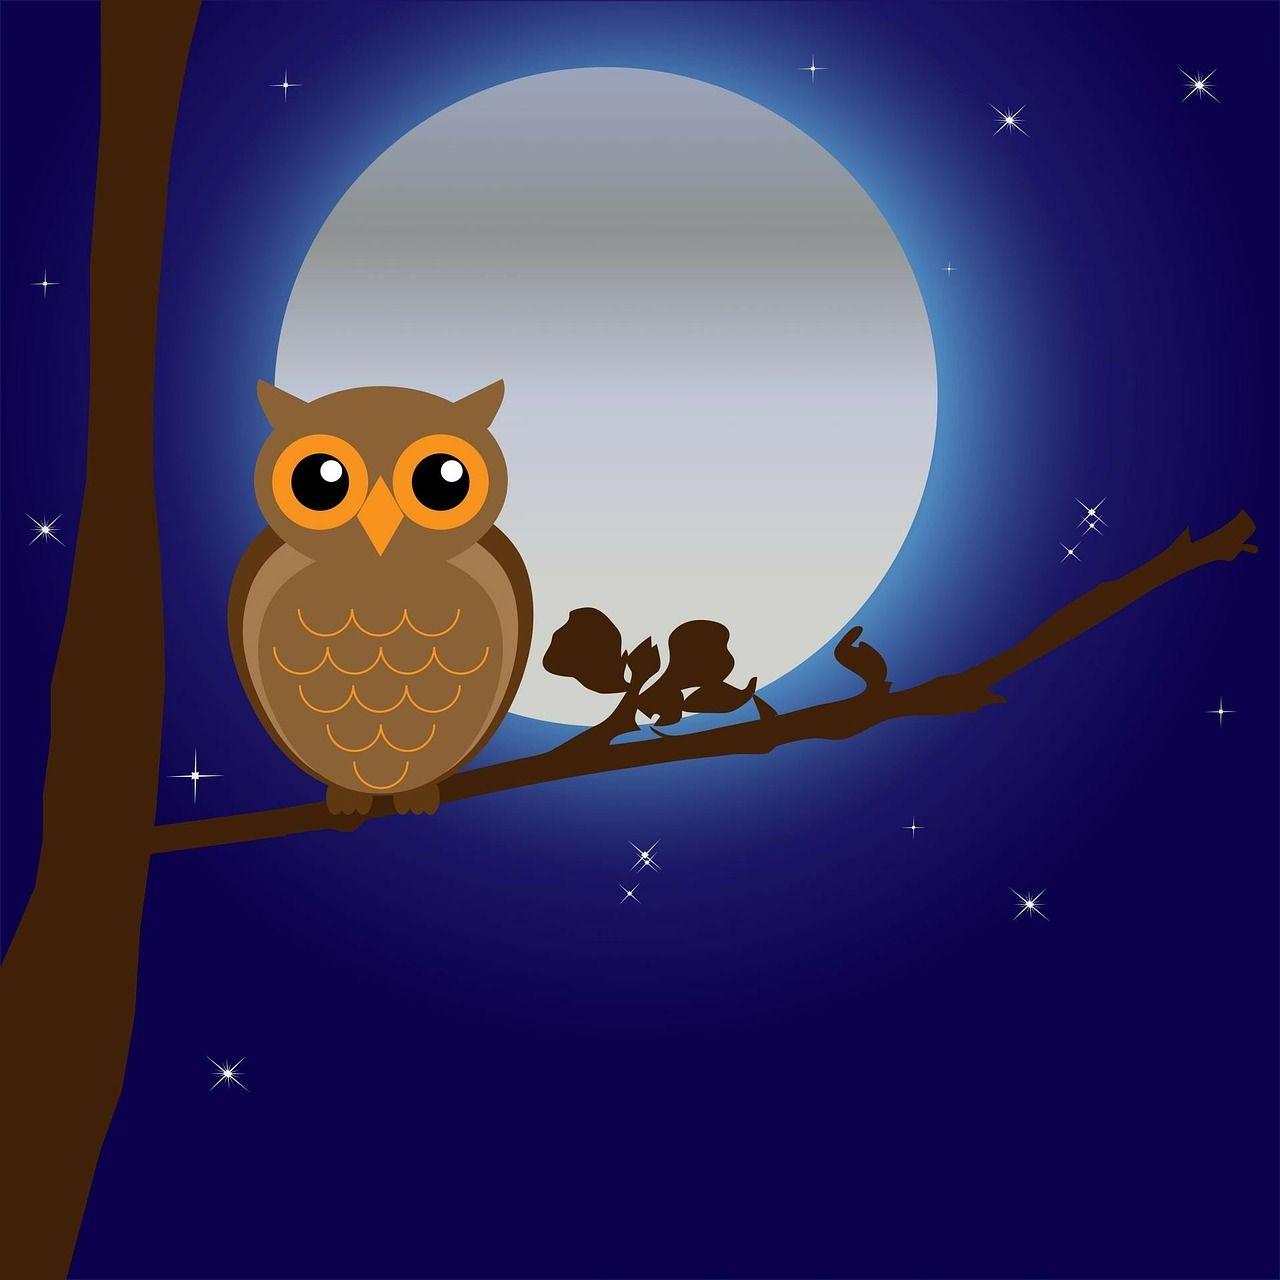 Coba Buat Animasi Sederhana Burung Hantu Belajar Bersama